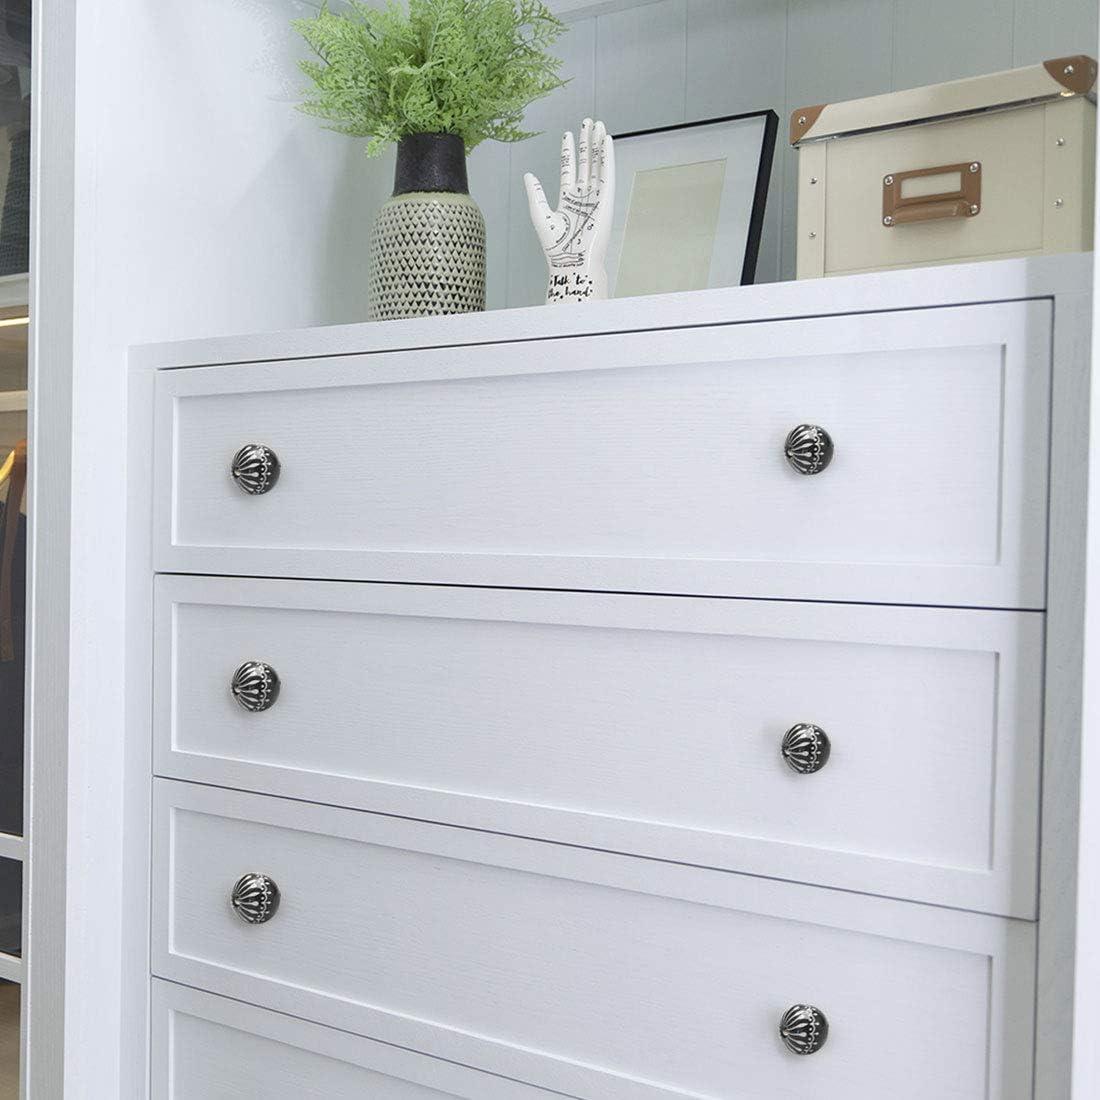 colore: nero porte per cassetti decorazioni cassettiere Set di 4 pomelli in ceramica armadi armadietti stile vintage Sourcingmap